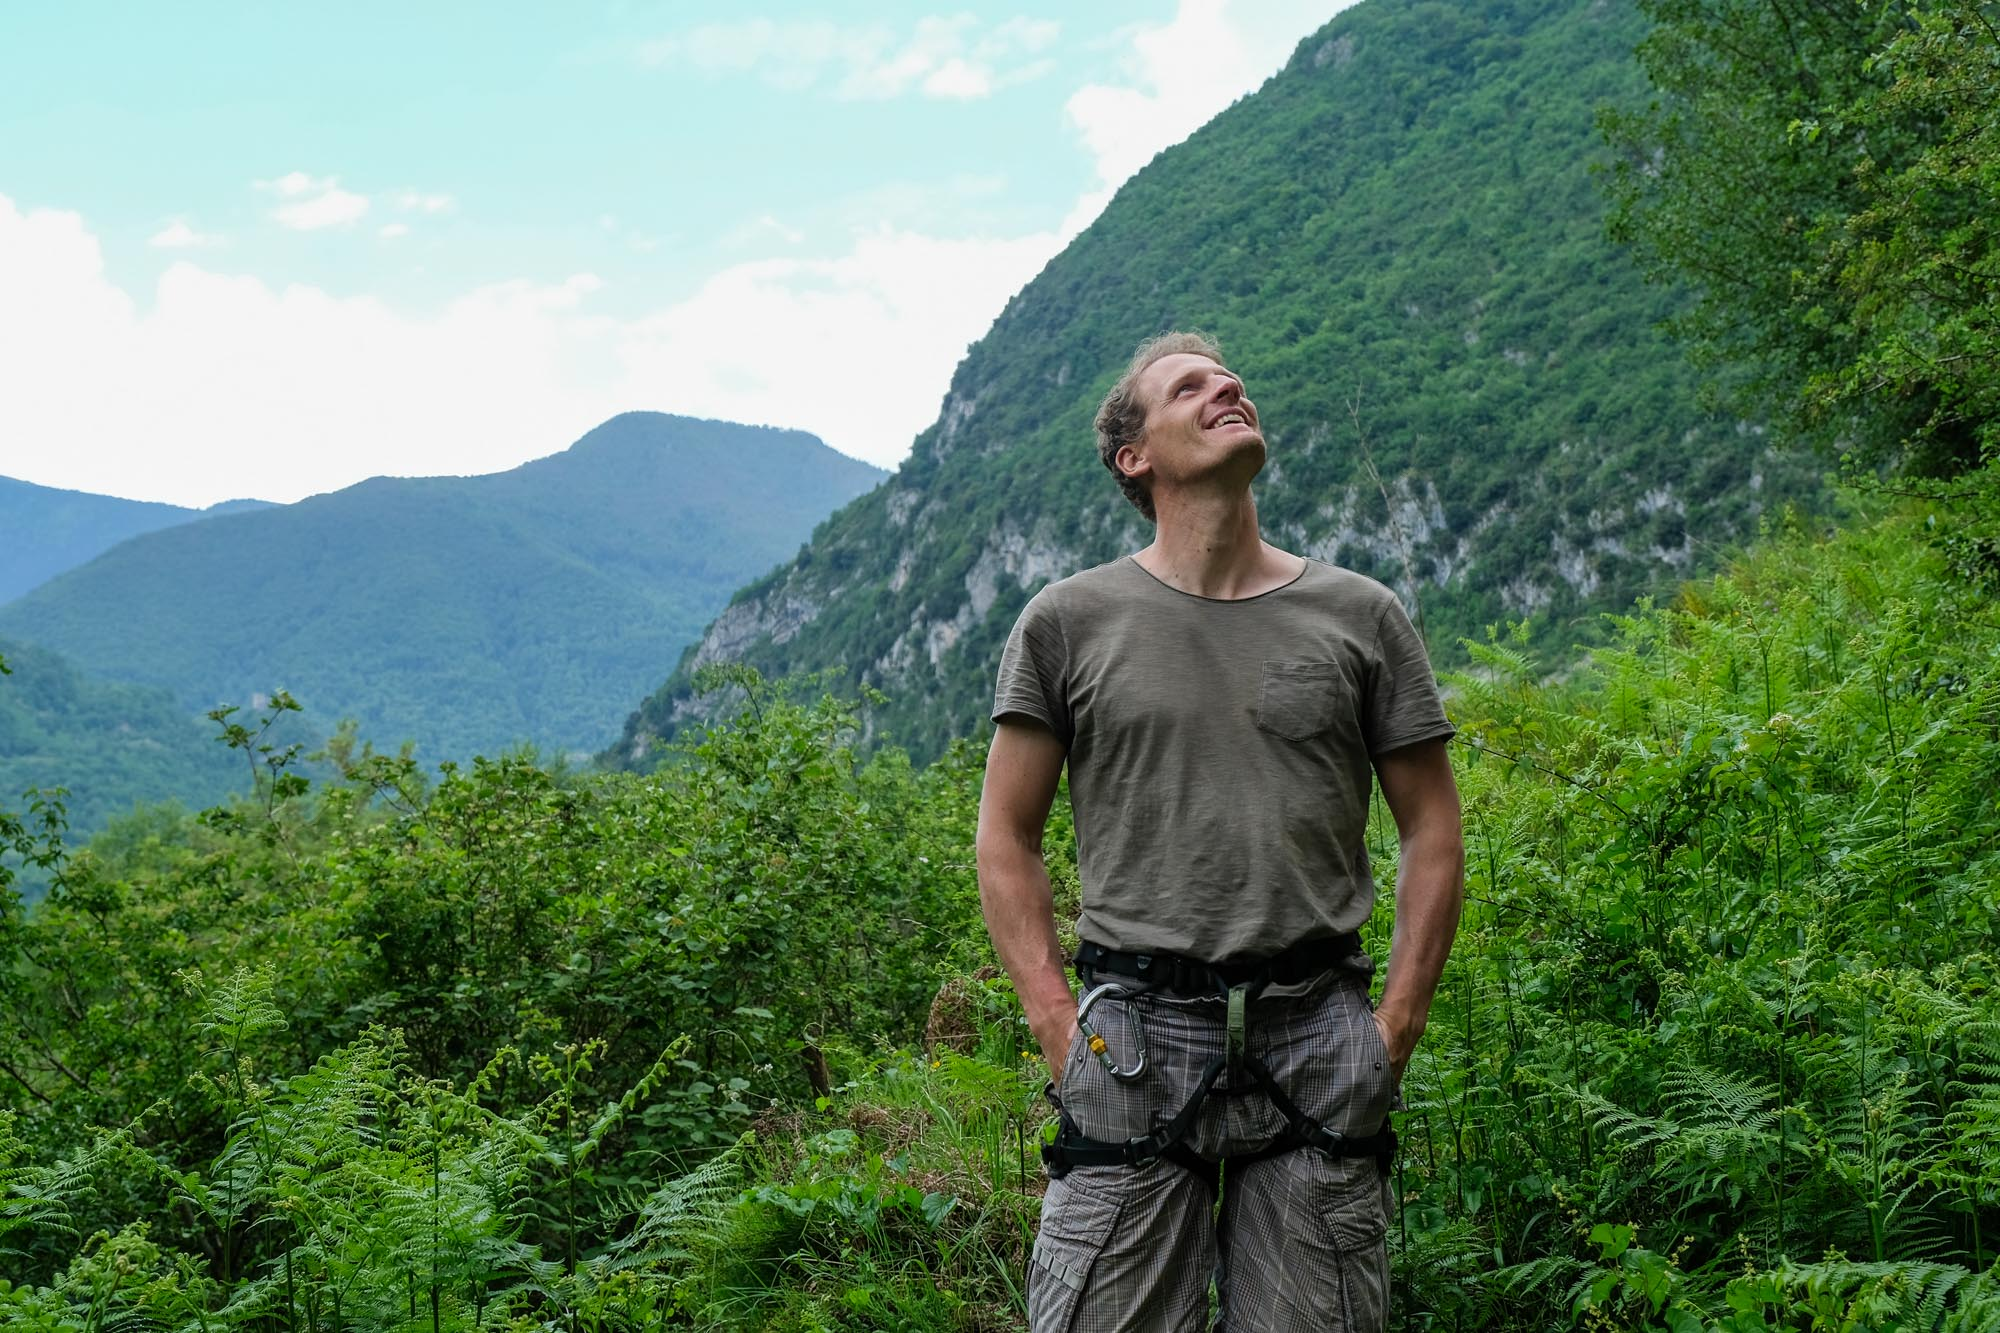 aventurier evrard wendenbaum